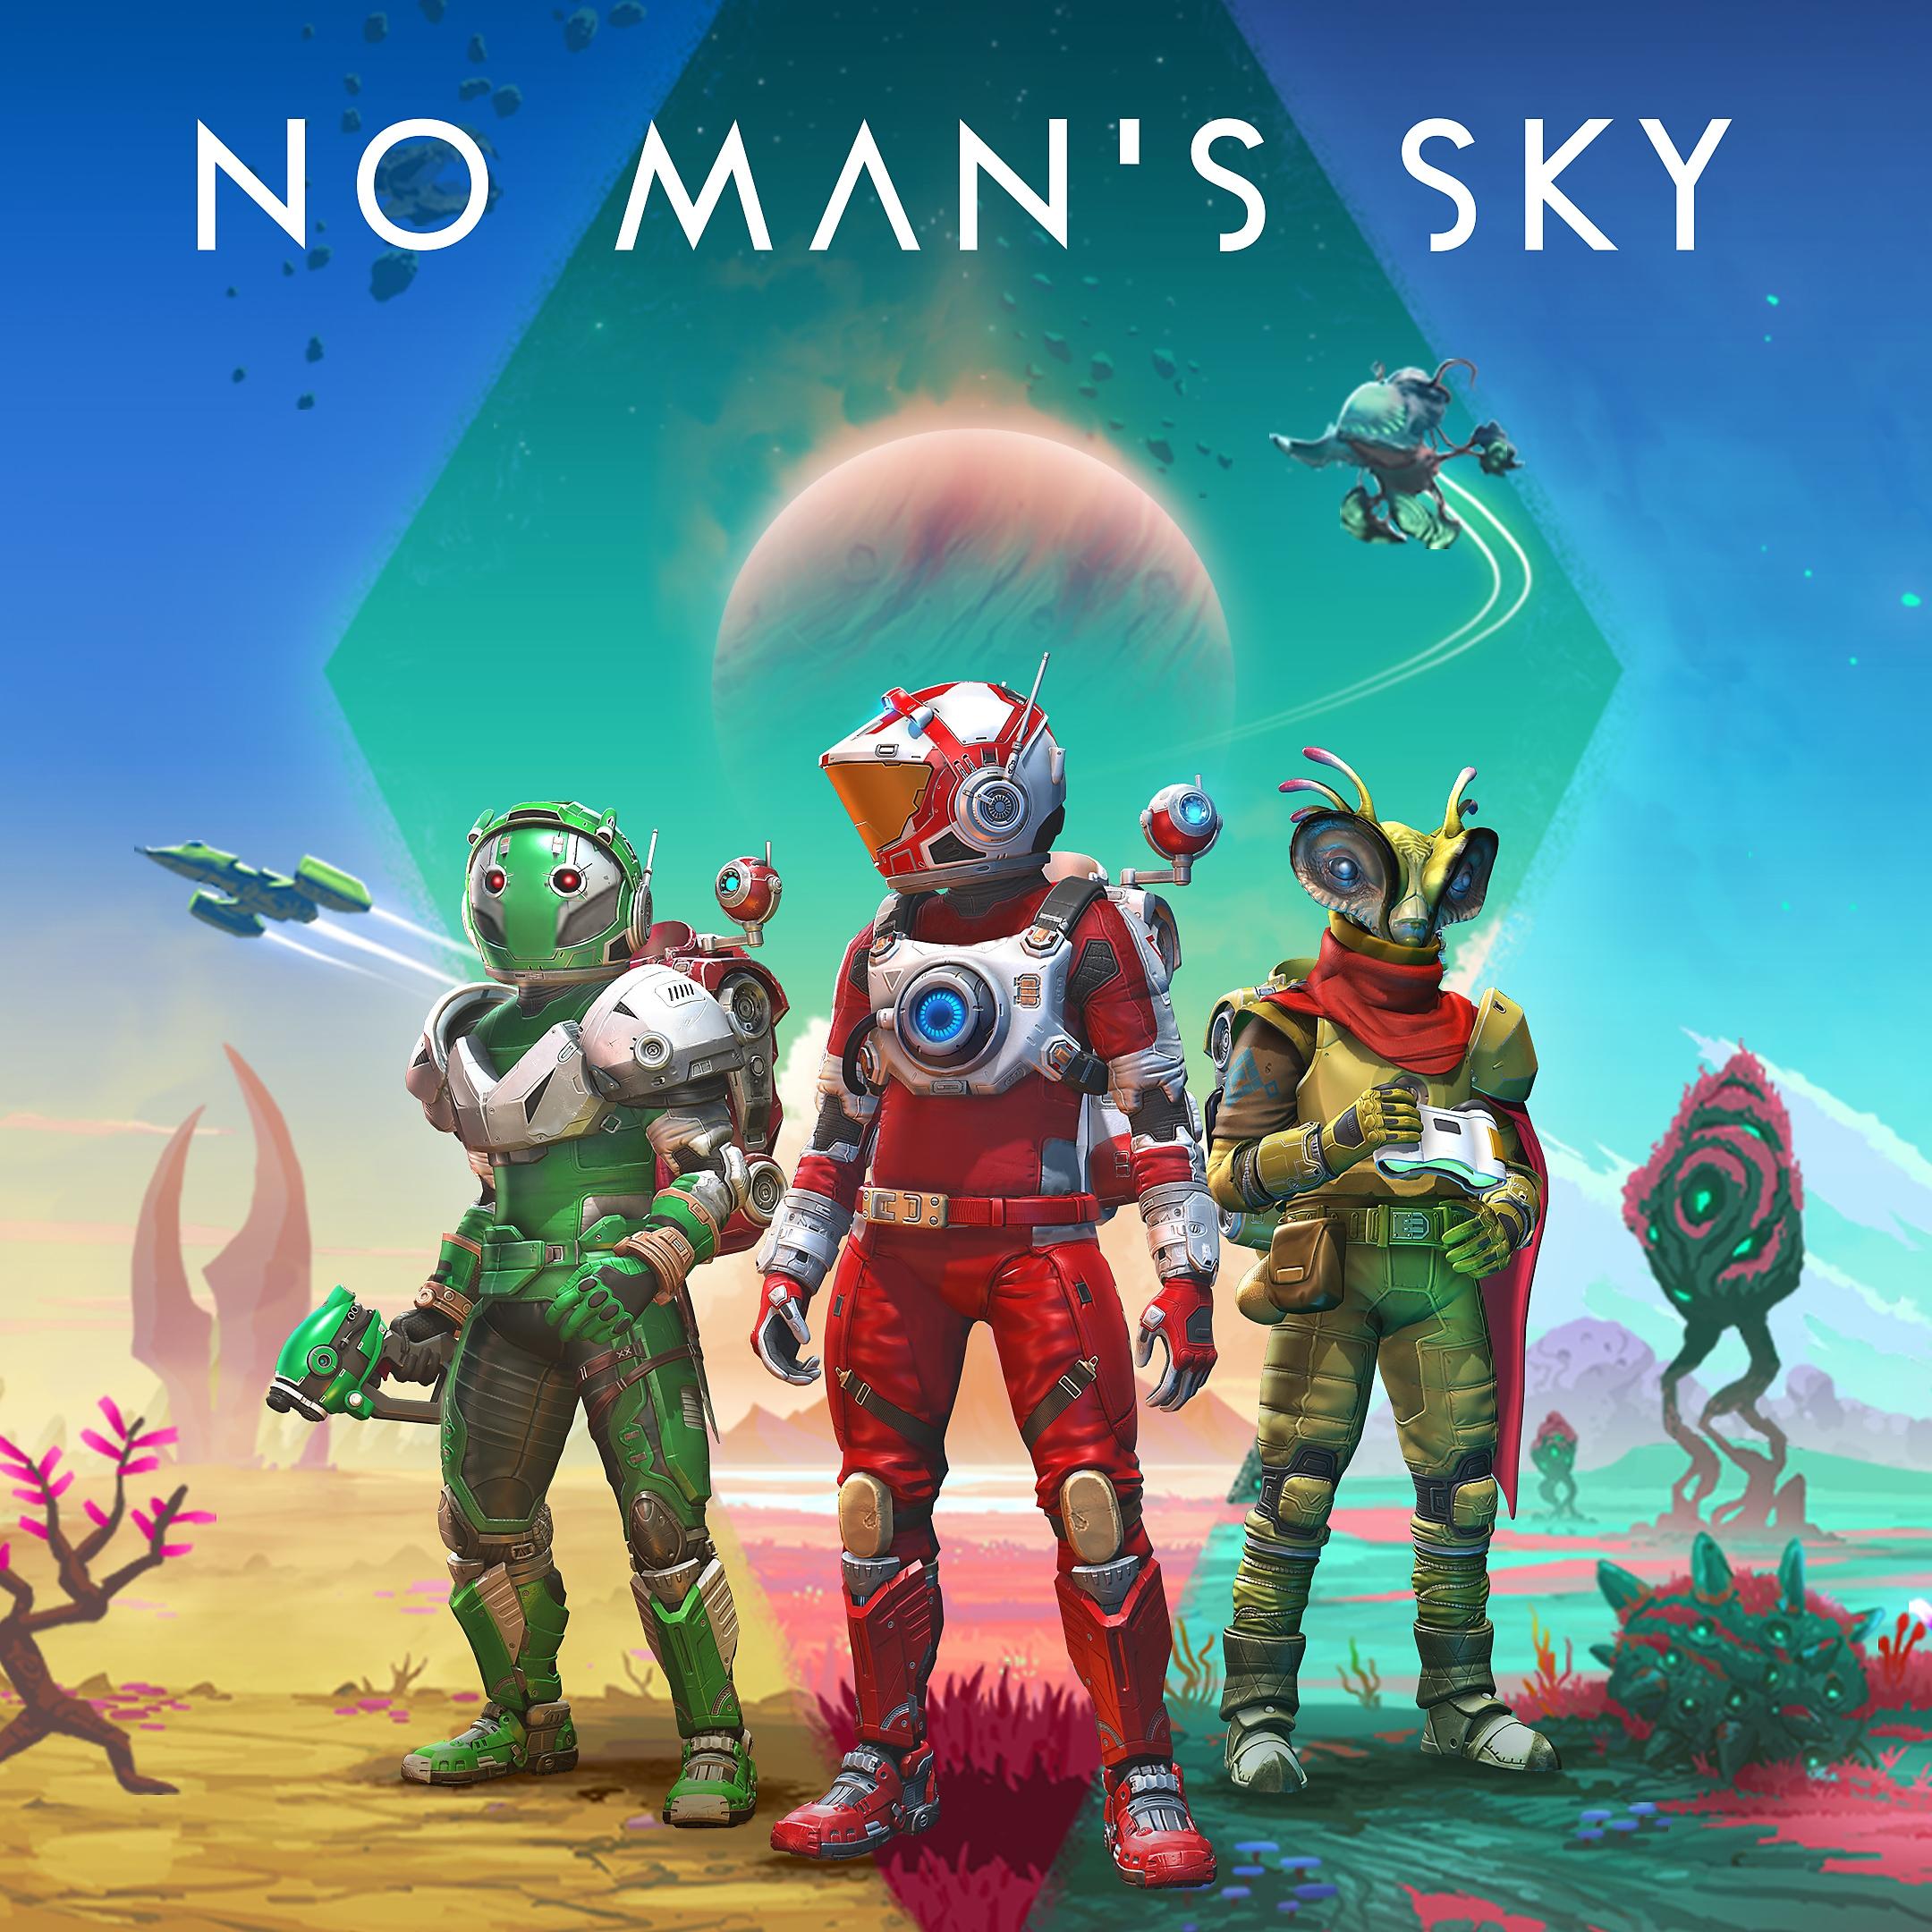 No Man's Sky sličica